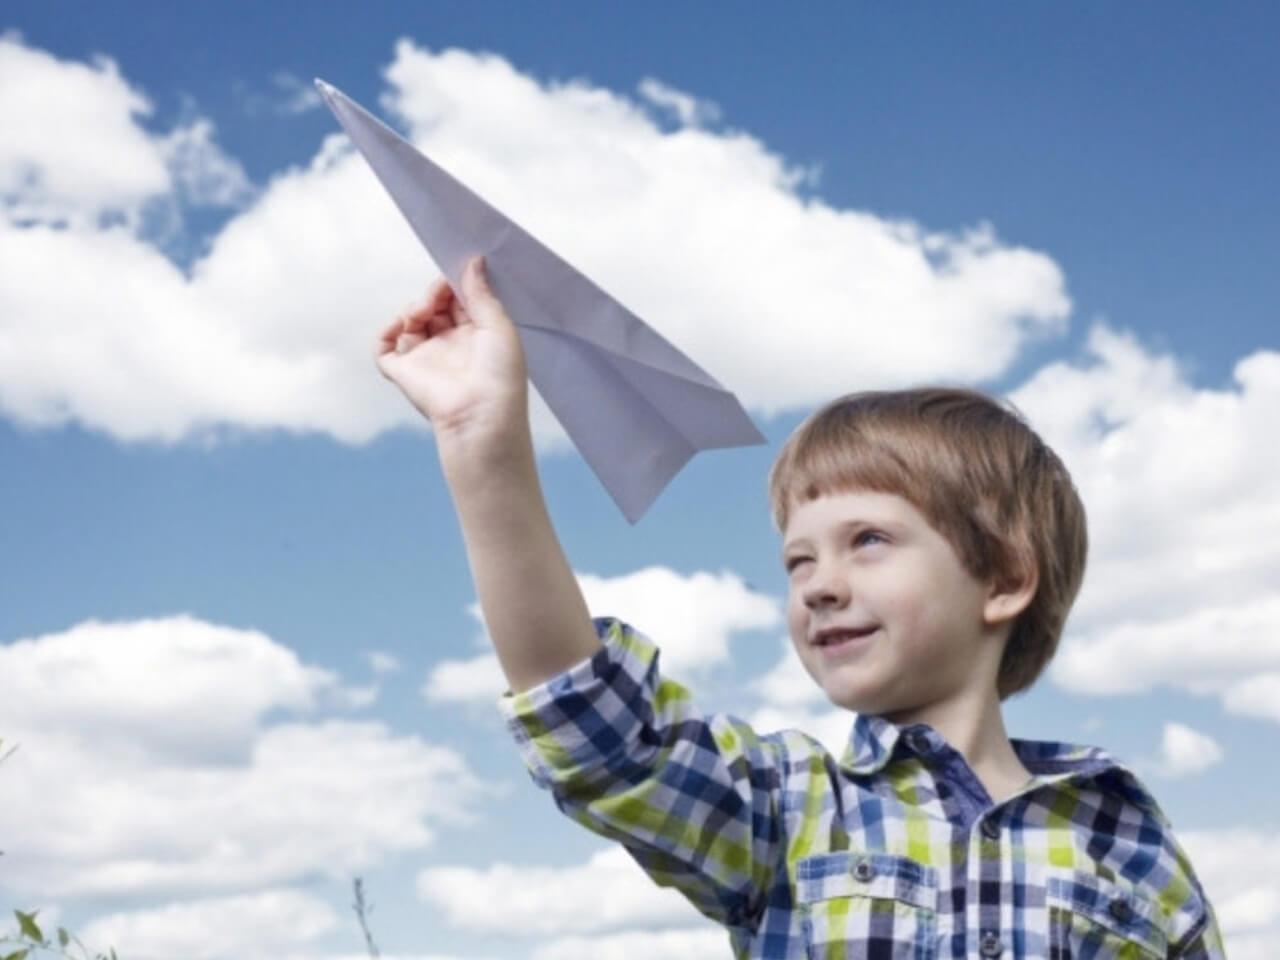 大きな紙飛行機を飛ばそうとする少年